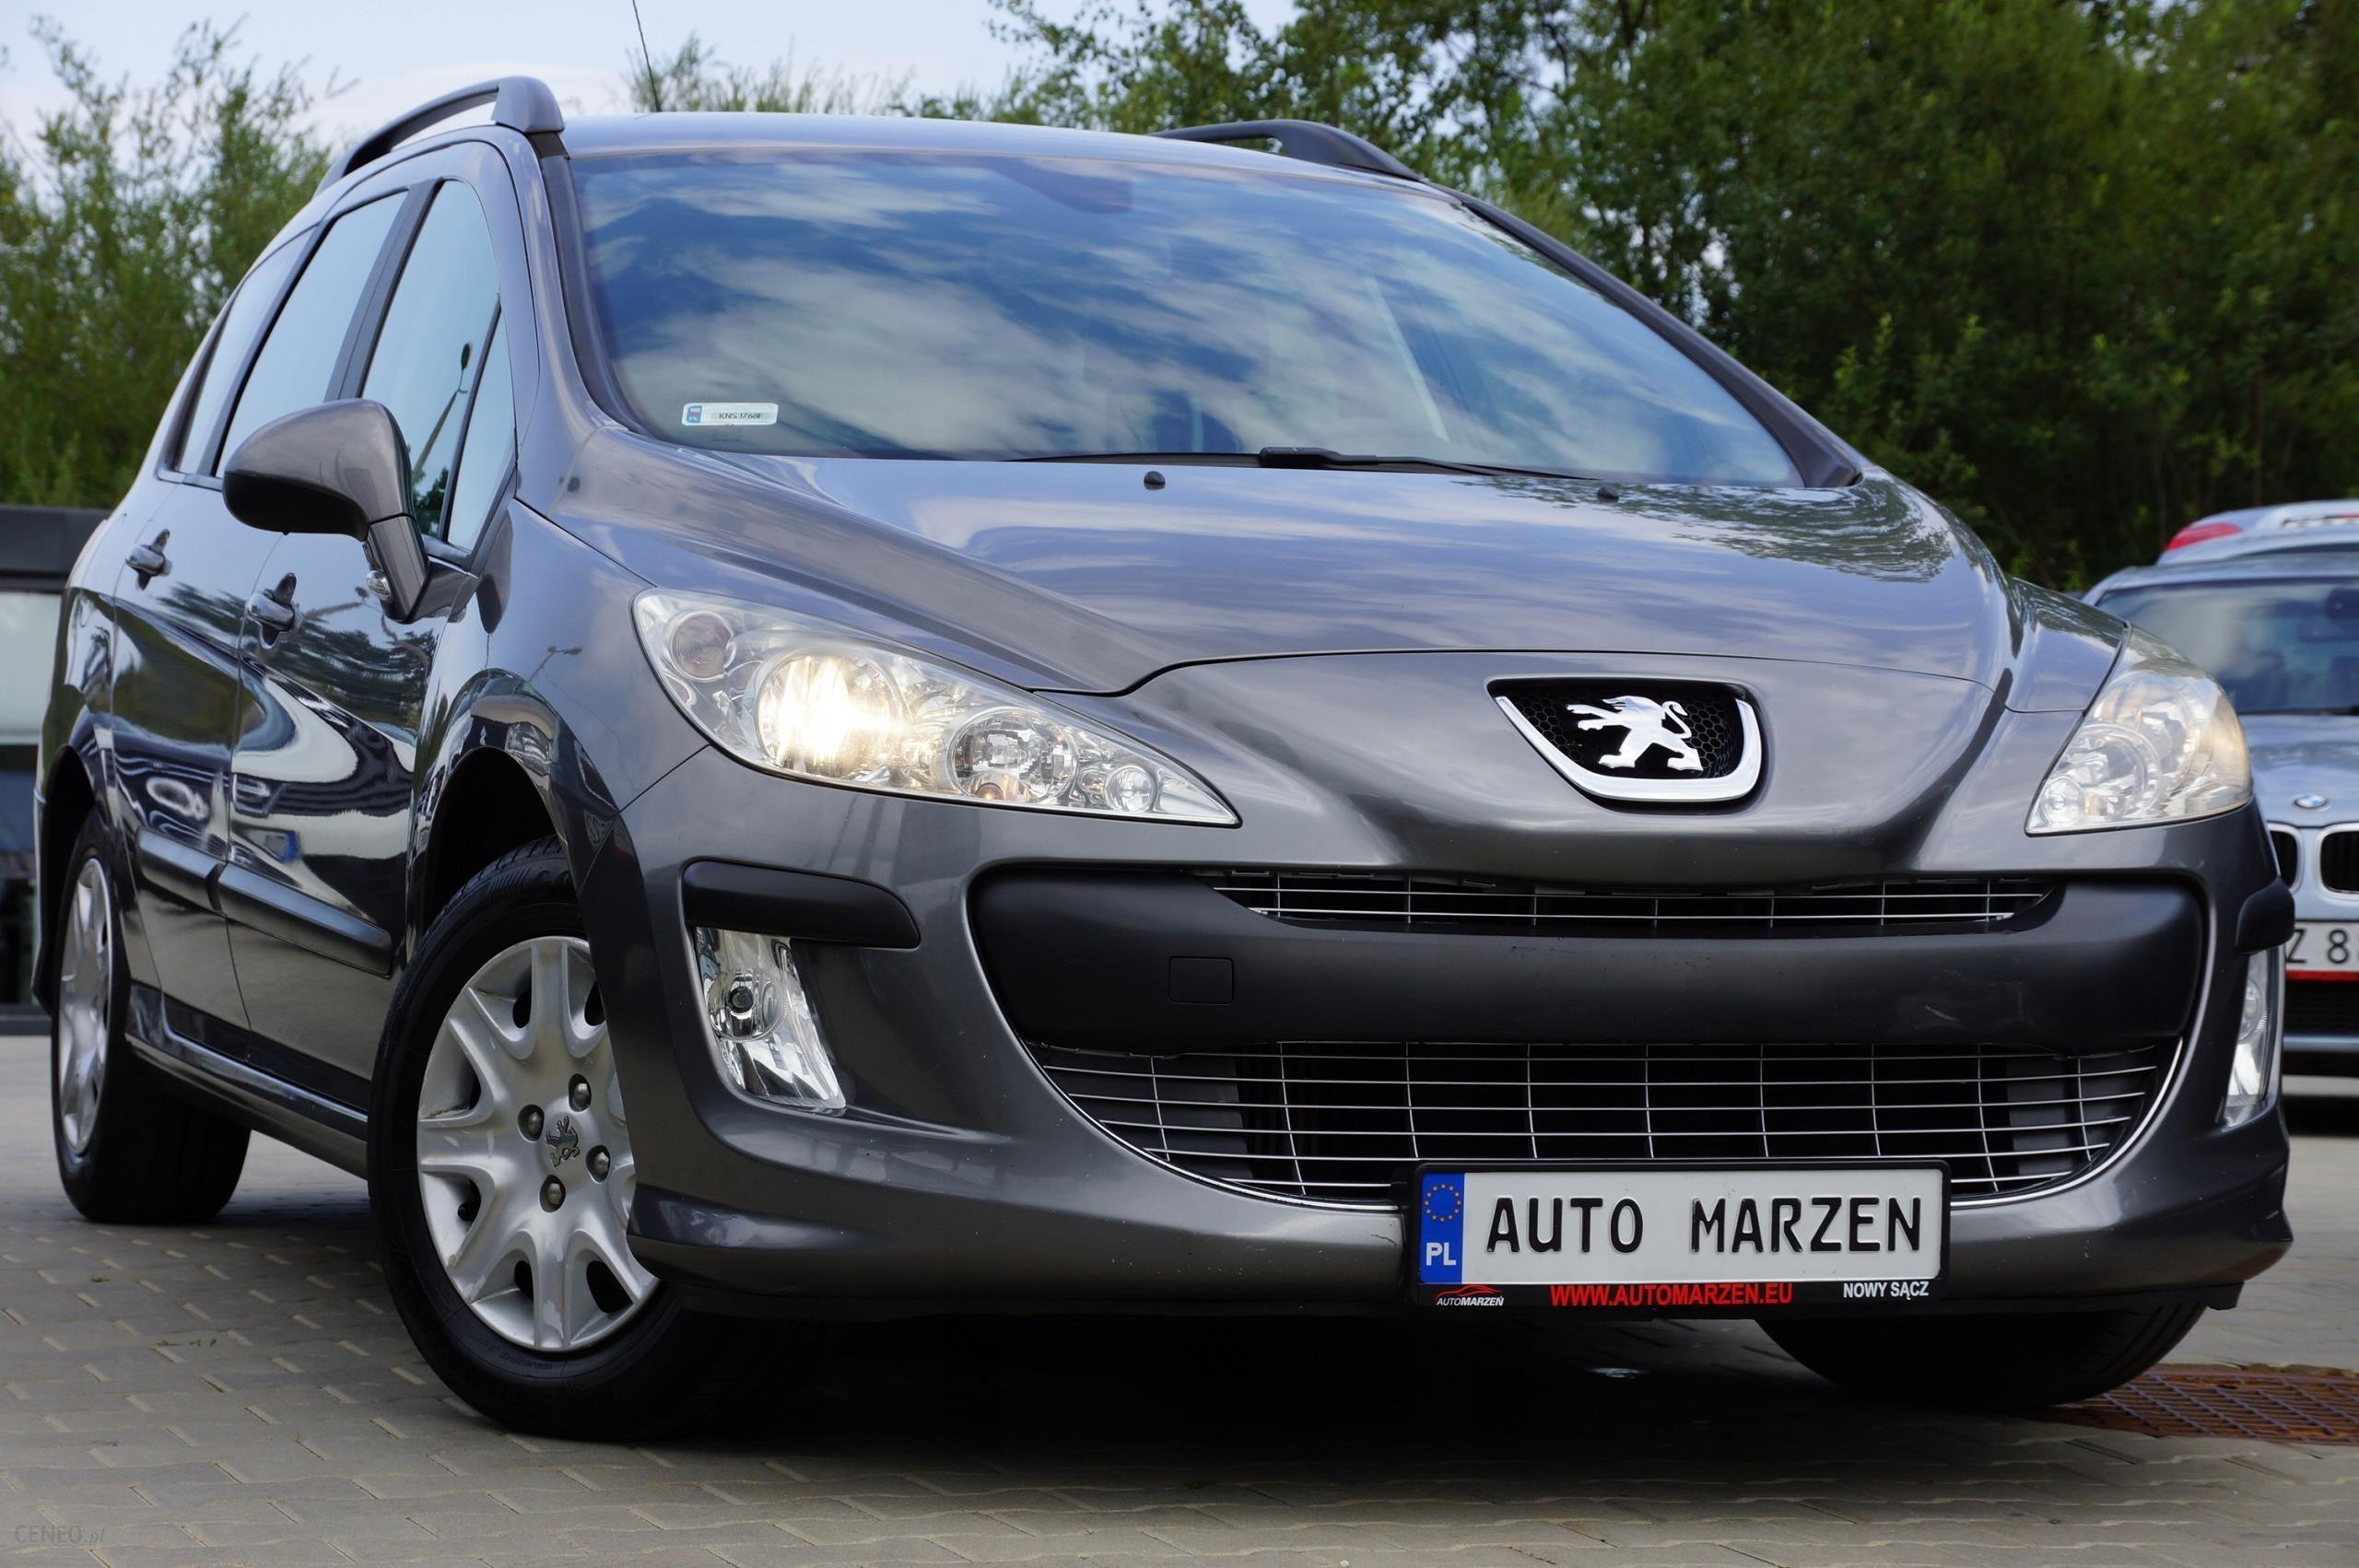 Peugeot 308 Sw 1 6 Hdi 90 Km Fv 23 Gwarancja Opinie I Ceny Na Ceneo Pl